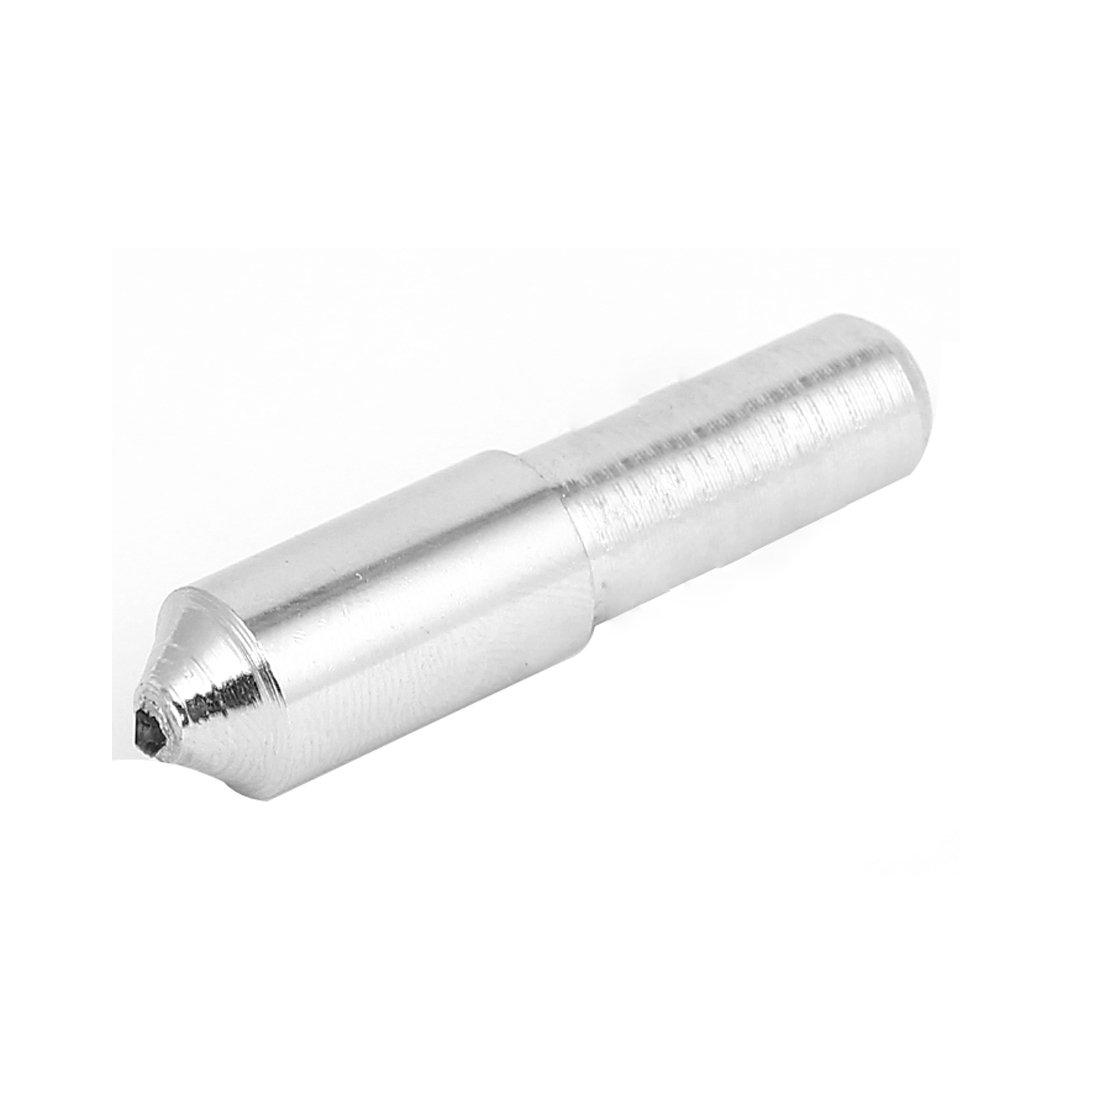 sourcingmap® 3/8-inch x 2-inch Long Meule D'affûtage Seul Point Diamant Raboteur Stylo a15080700ux0802